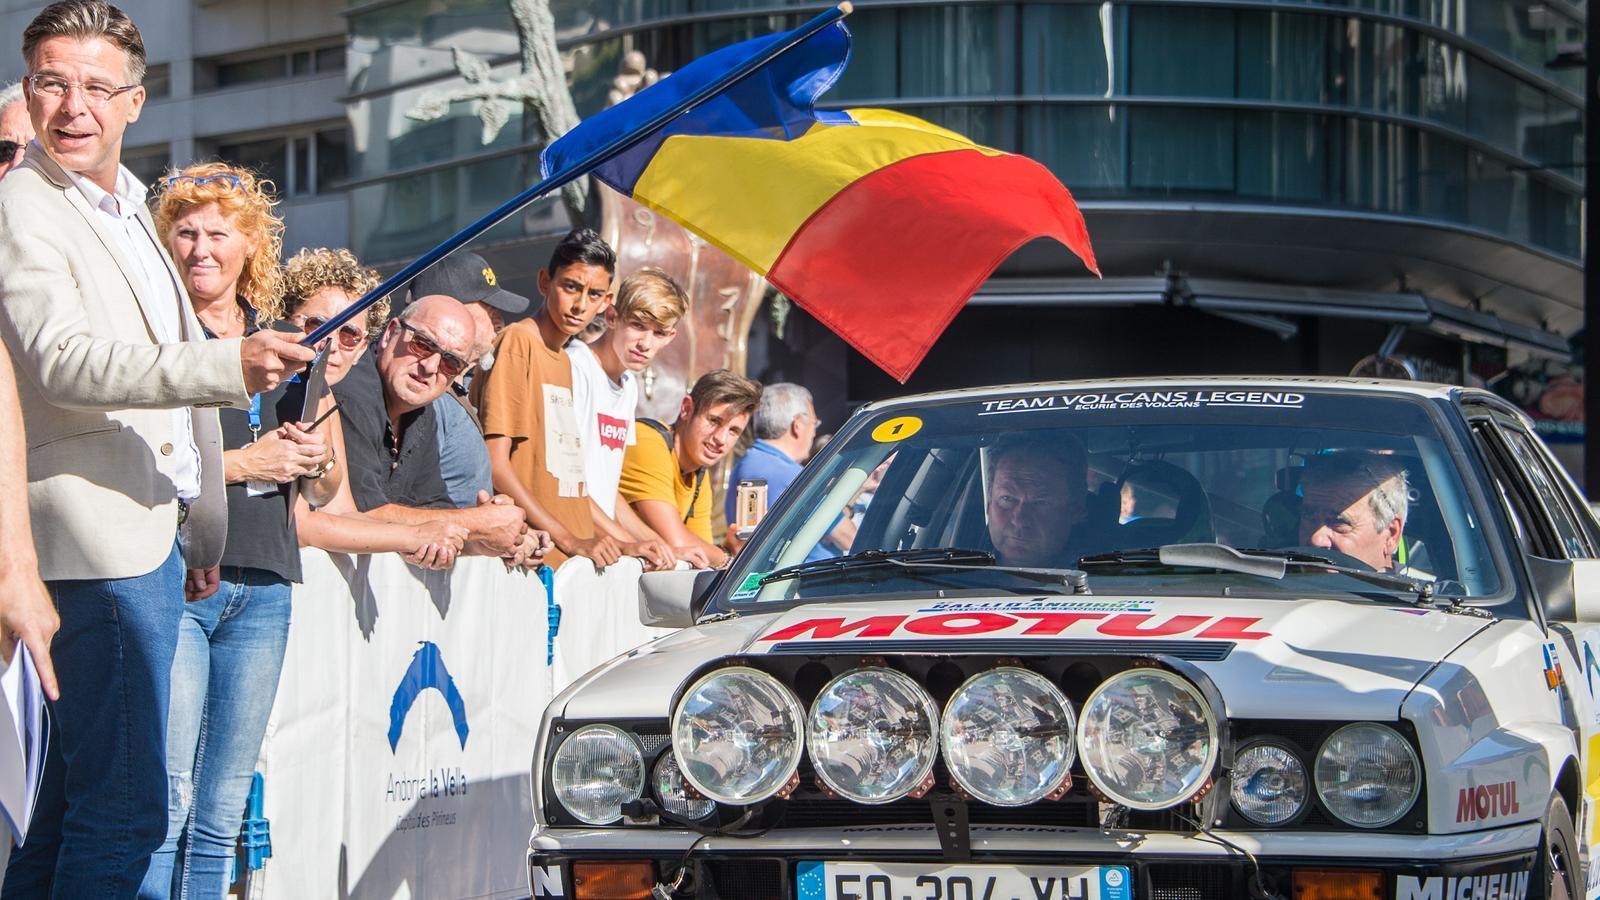 El cònsol menor, Marc Pons, dona la sortida del ral·li. / Automòbil Club d'Andorra